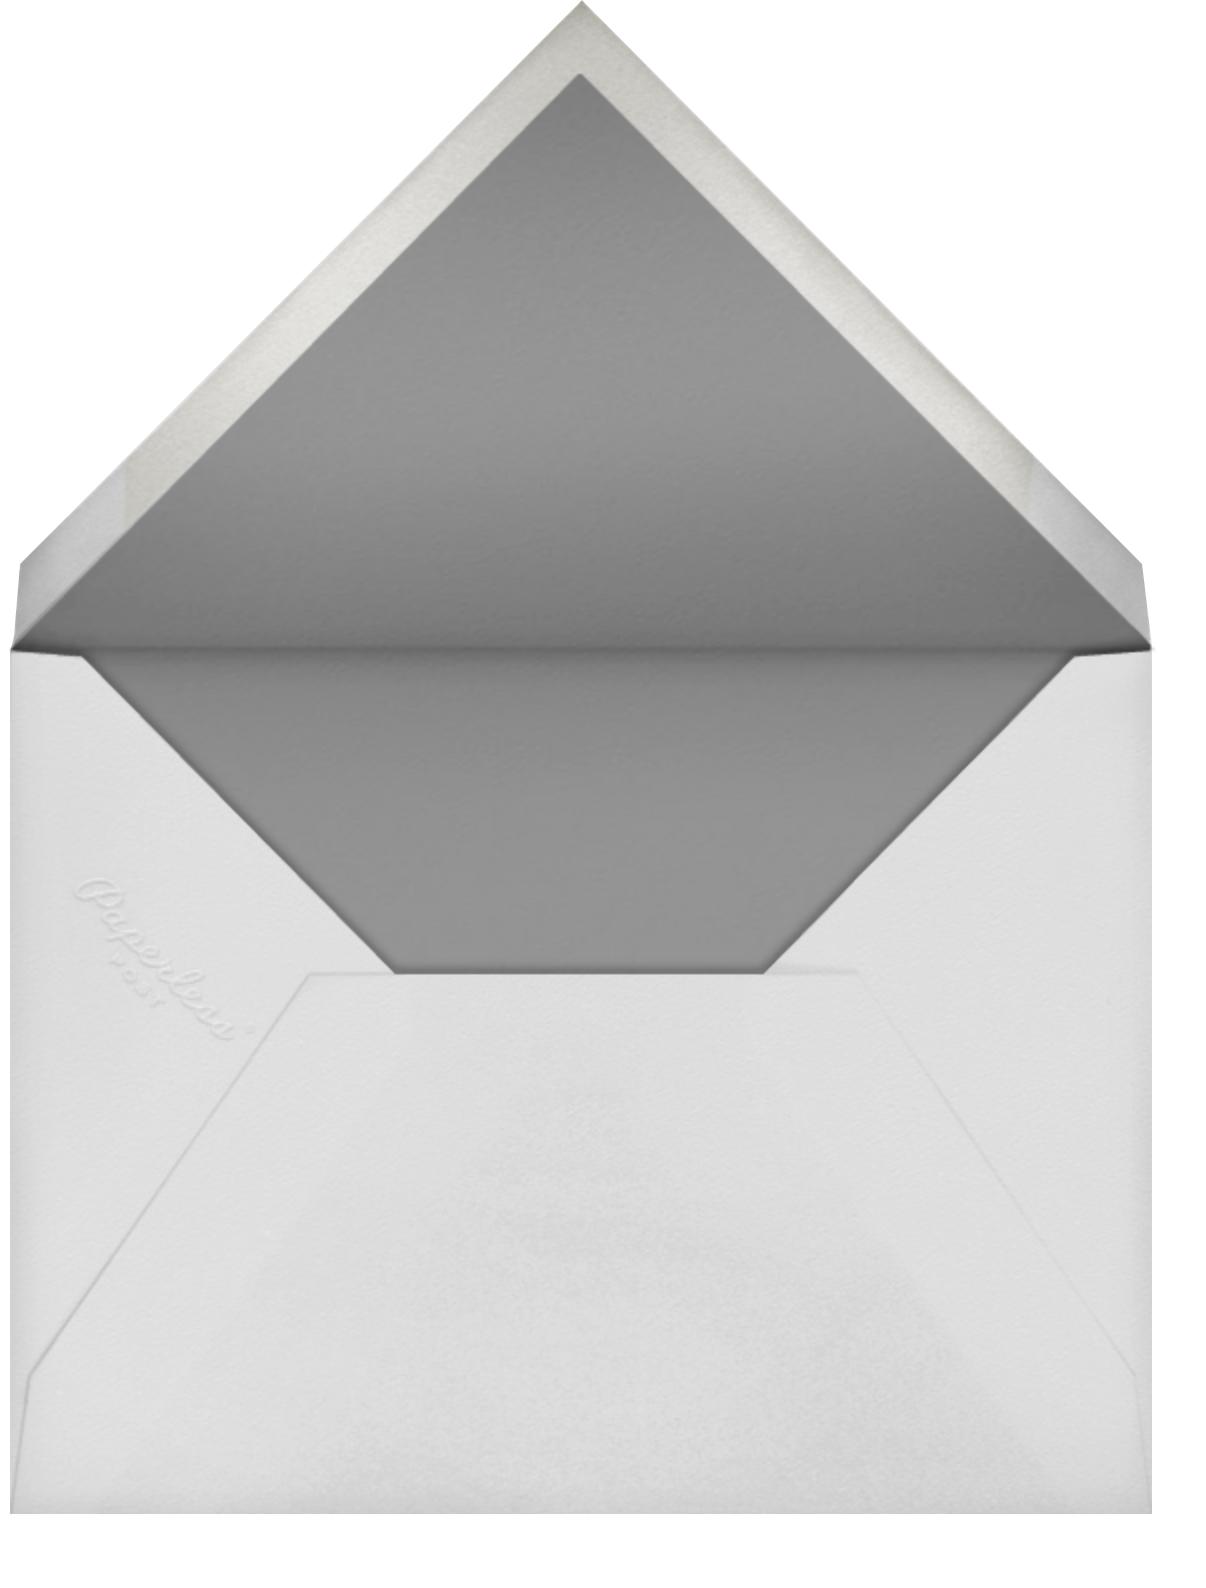 Custom Foil (Horizontal) - Rose Gold - Paperless Post - Adult birthday - envelope back